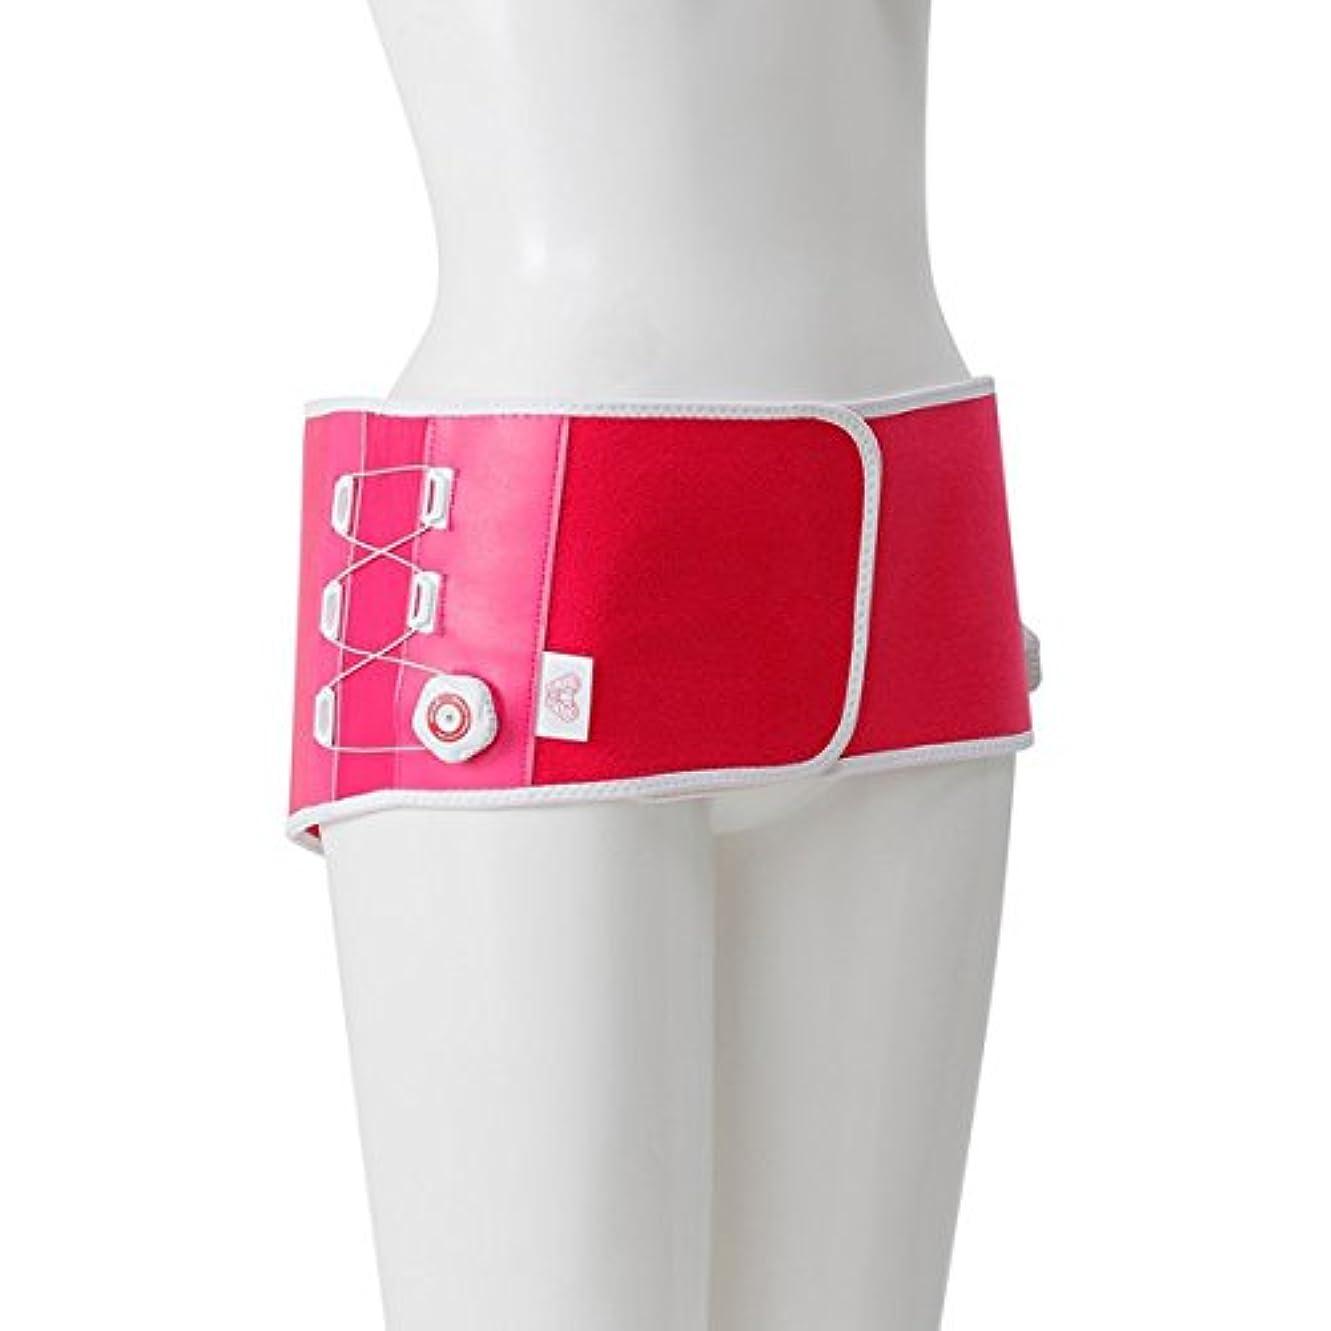 フローカプセル香り芦屋美整体 骨盤リセットベルト ピンク M-Lサイズ